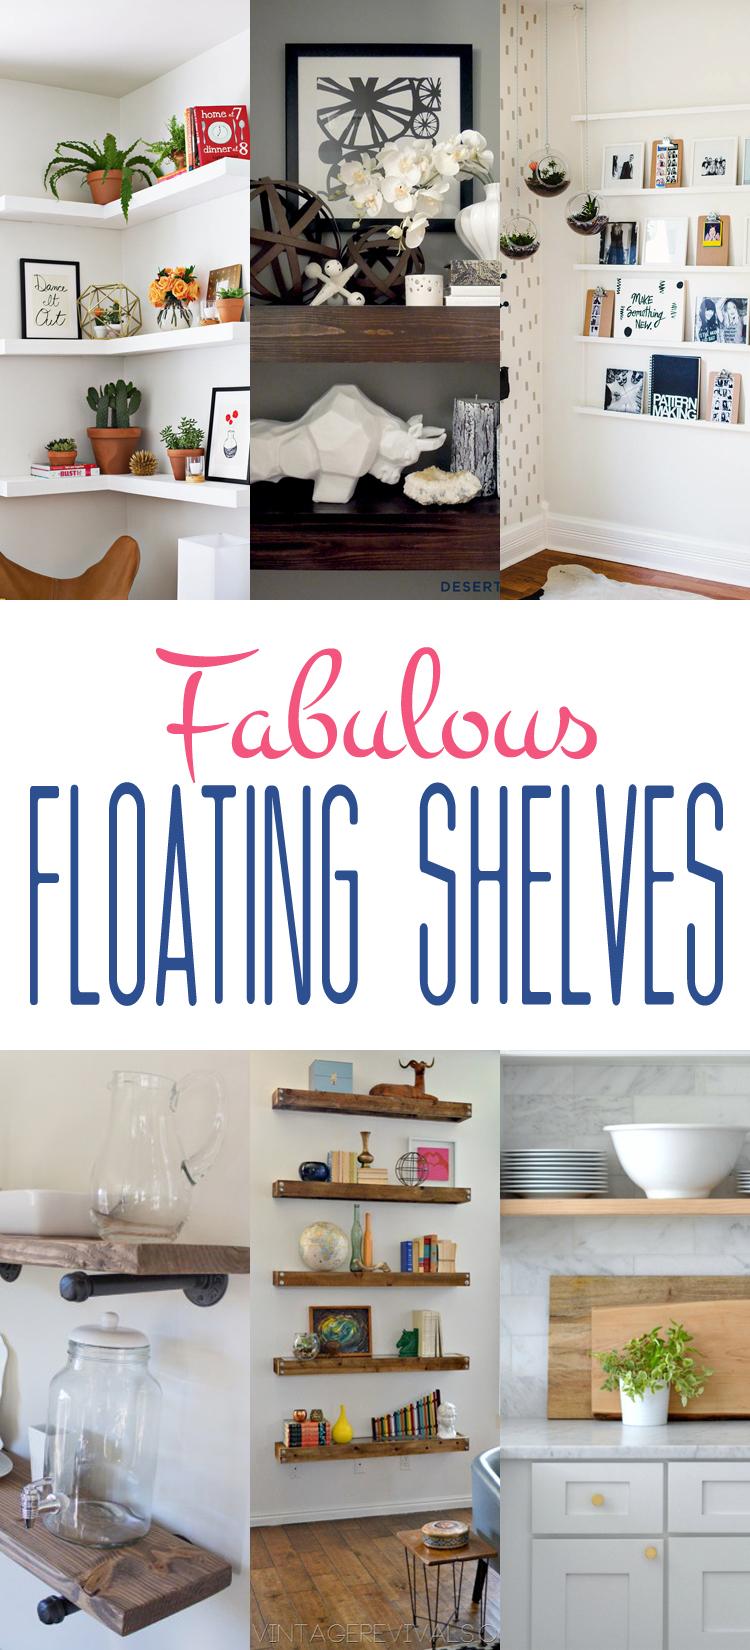 FloatingShelves-TOWER-001